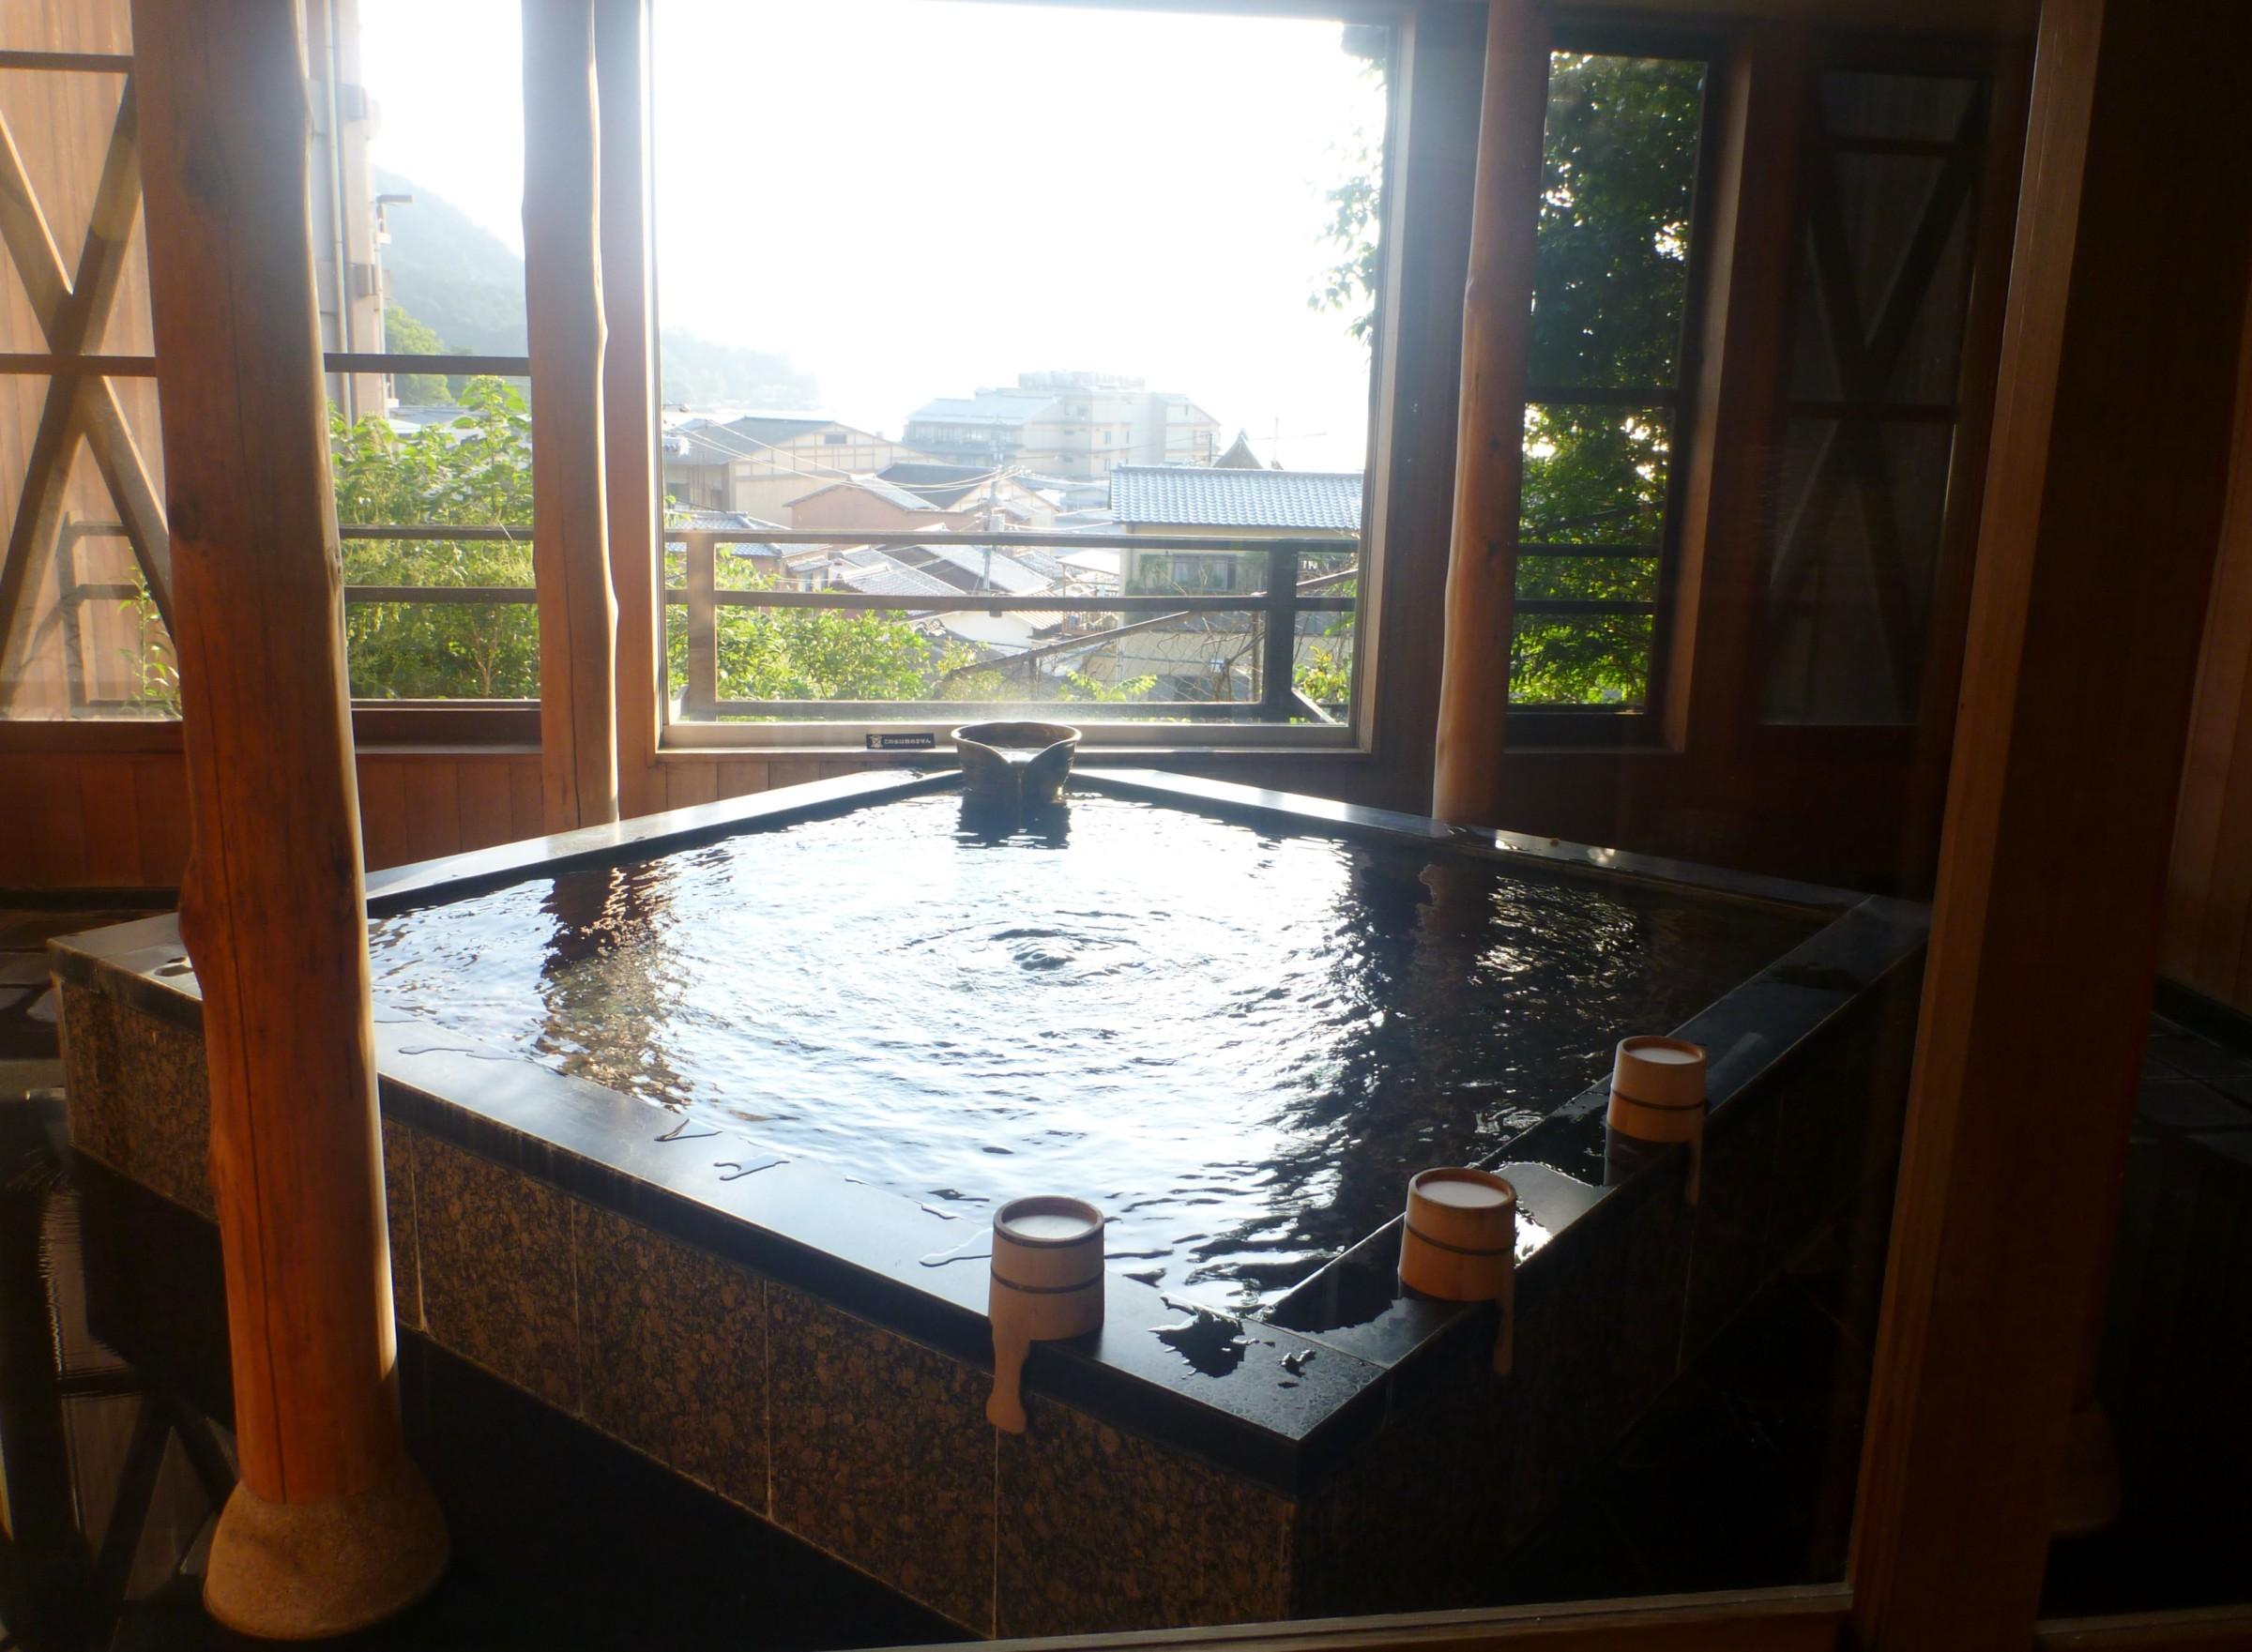 Our bath!